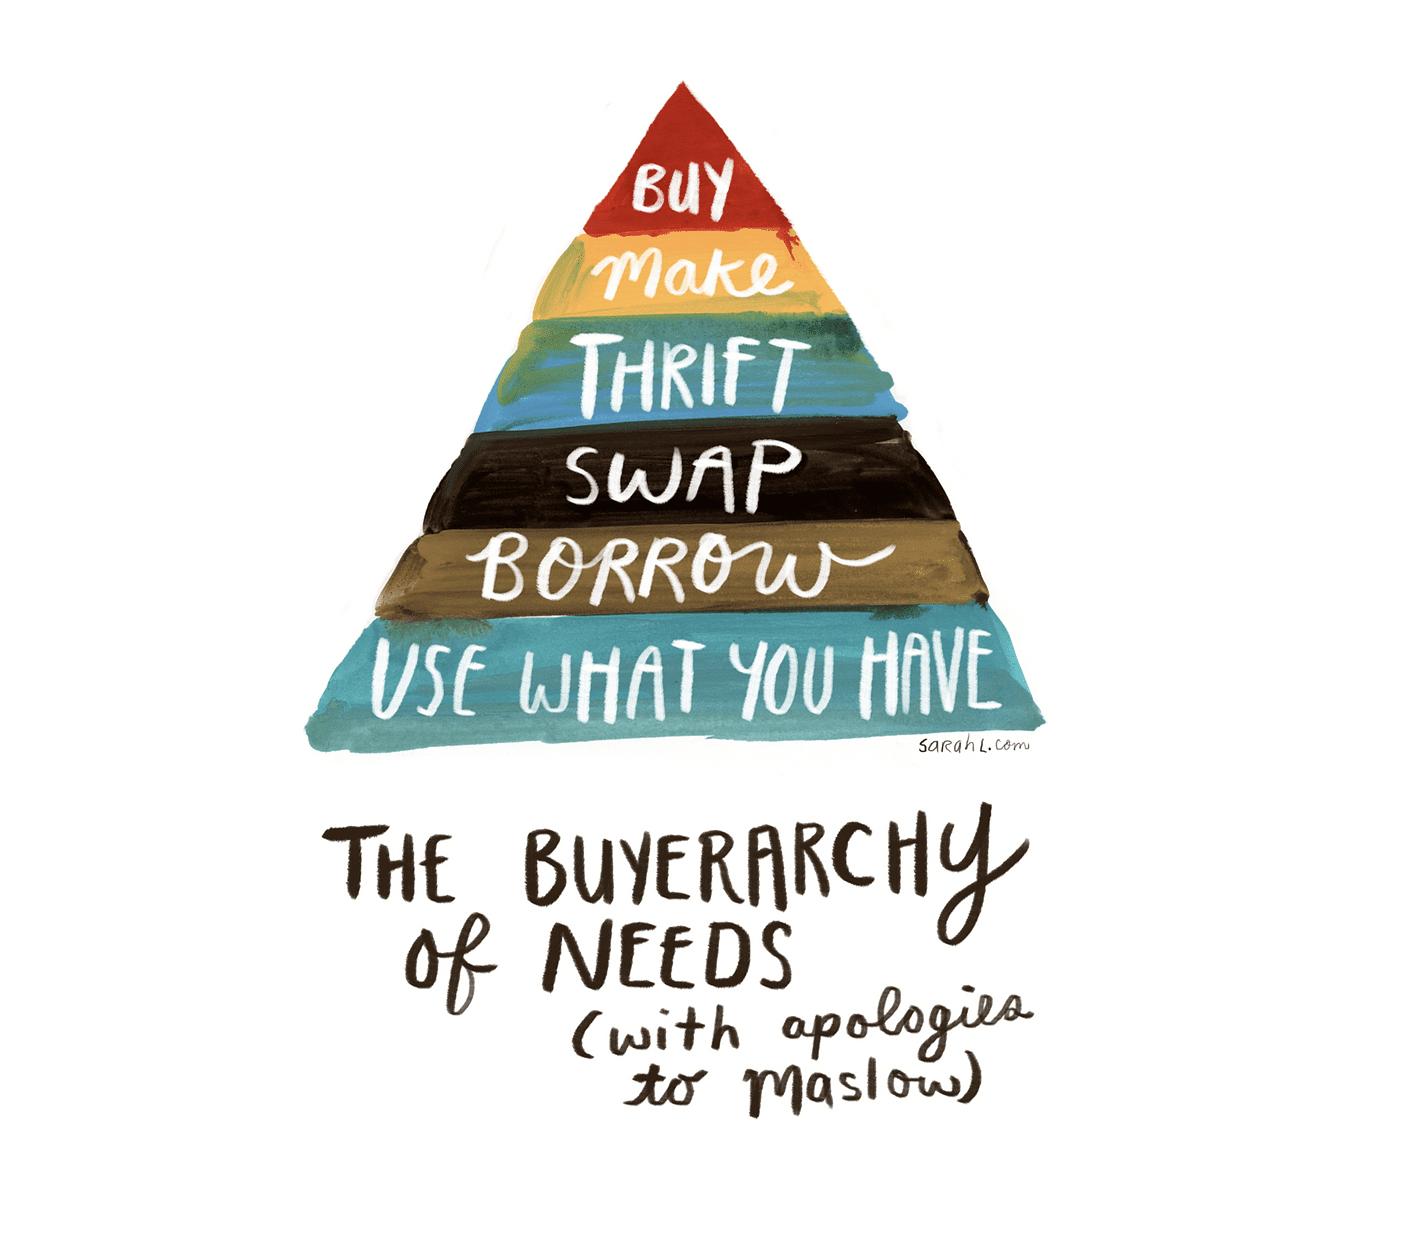 Buyerarchy of needs diagram by Sarah Lazarovic